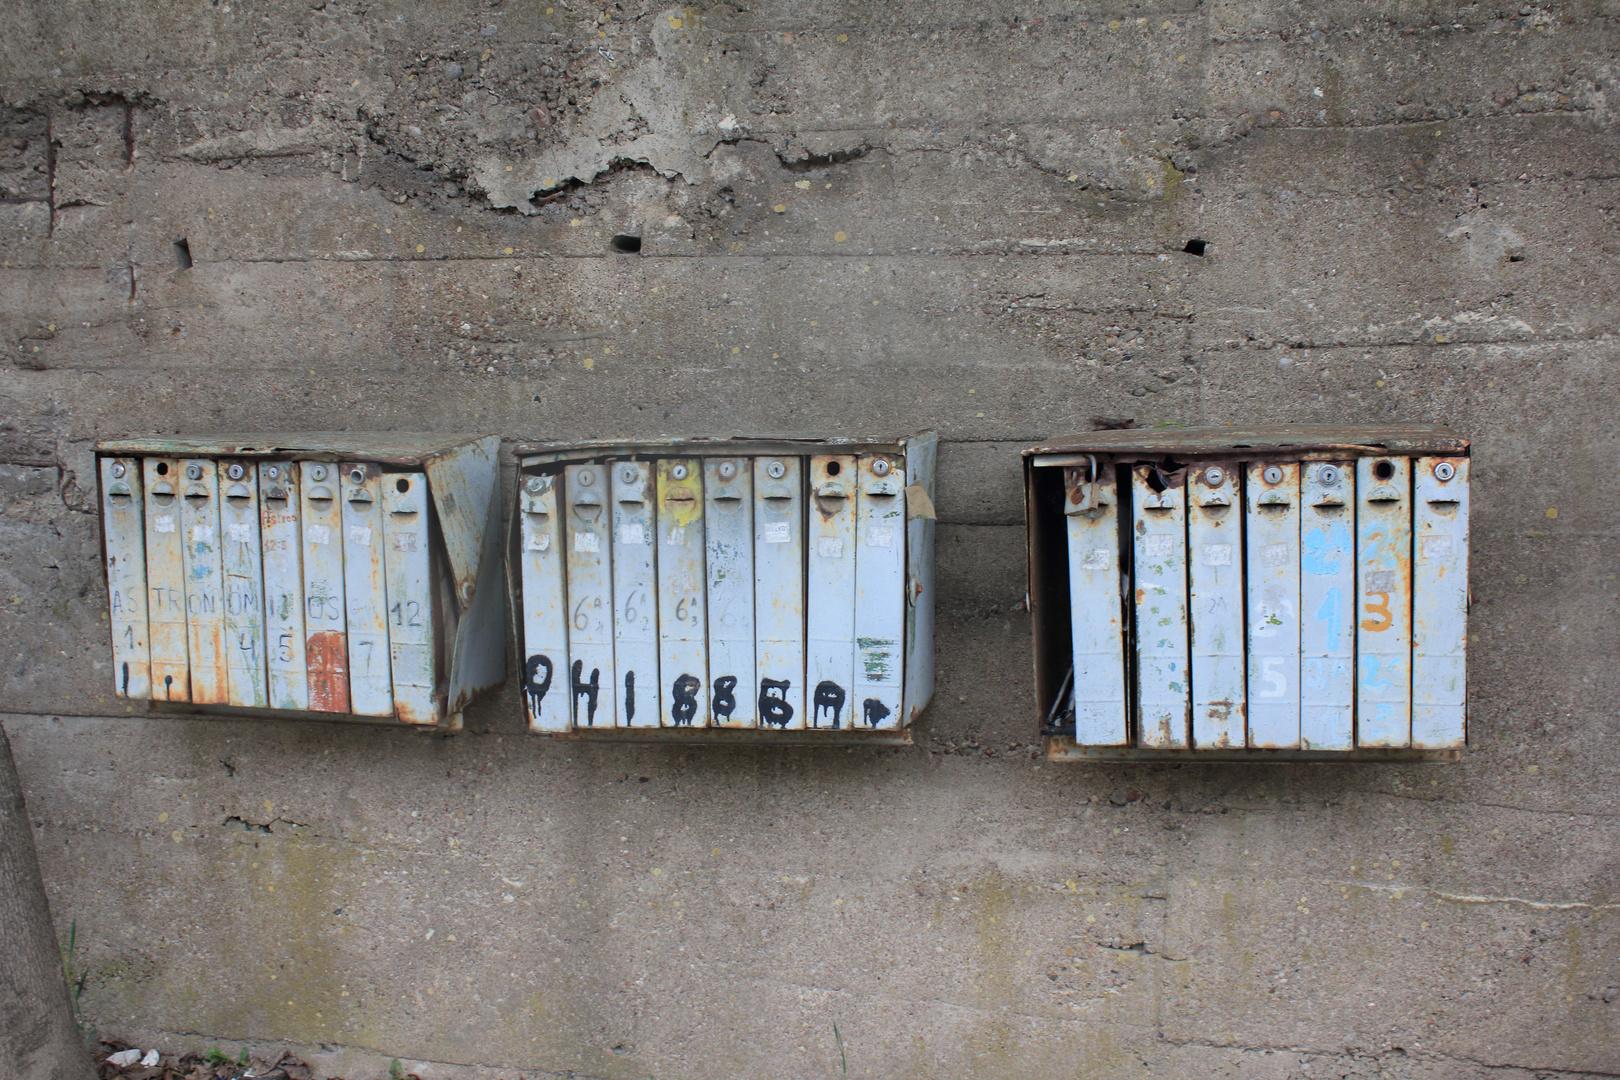 Briefkästen in Litauern